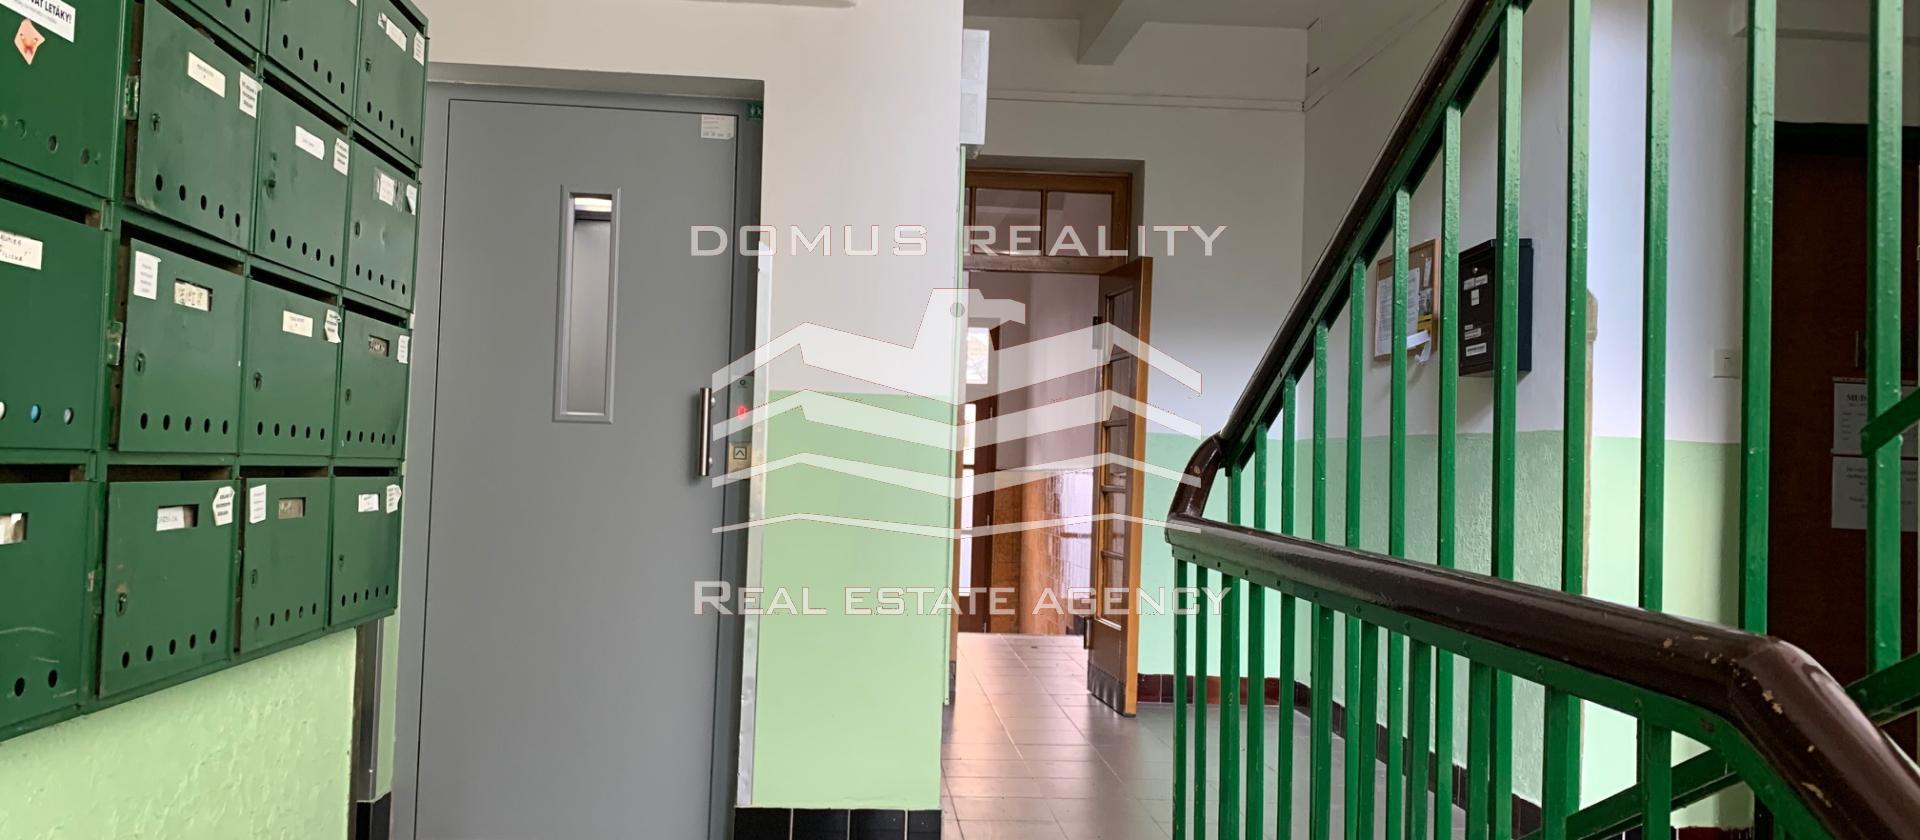 Krásný byt nacházející se  ve vyhledávané lokalitě na Praze 10